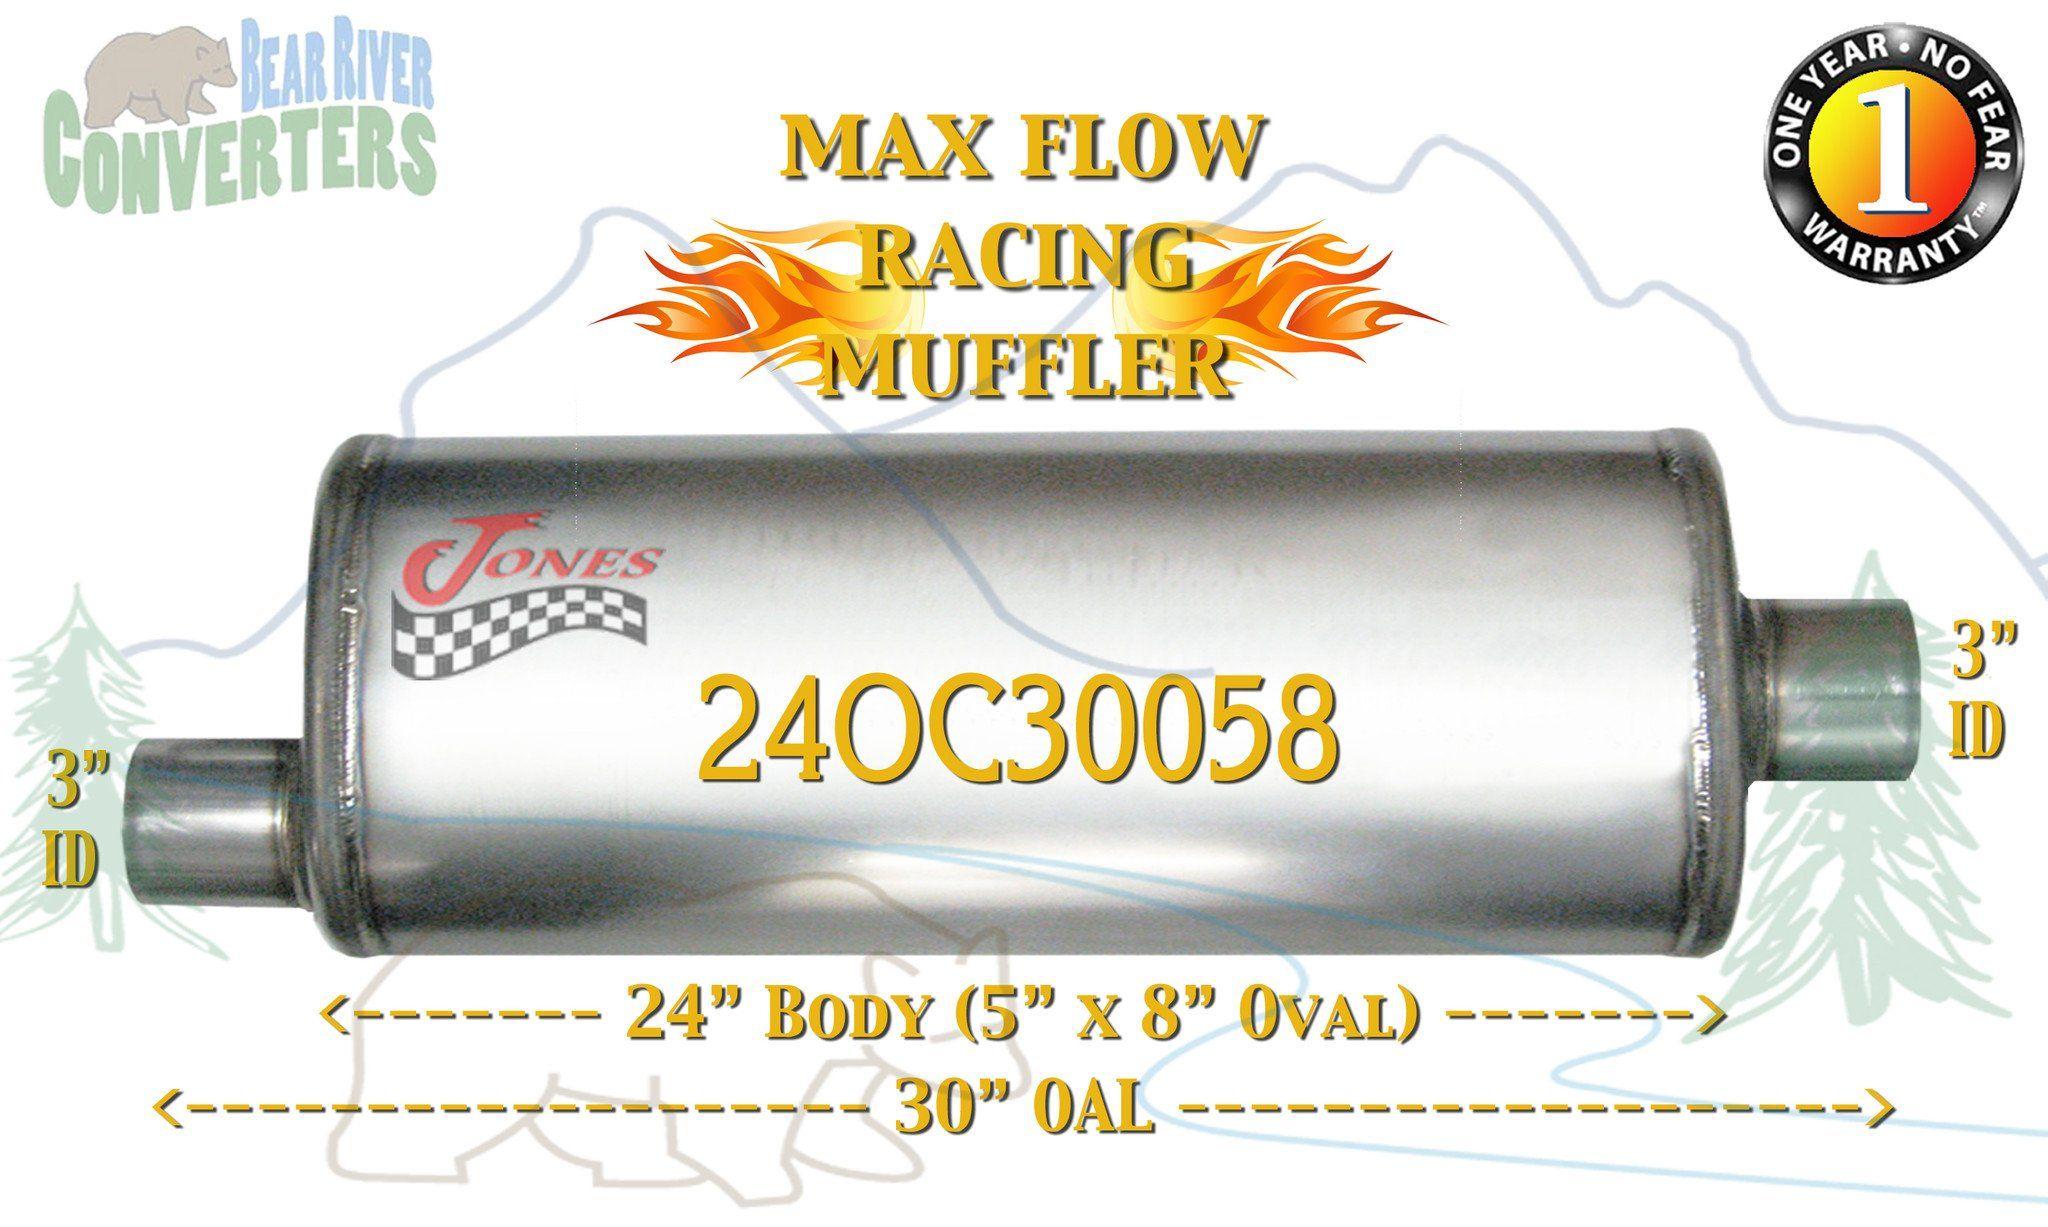 24OC30058 Jones MF2289 Max Flow Racing Muffler